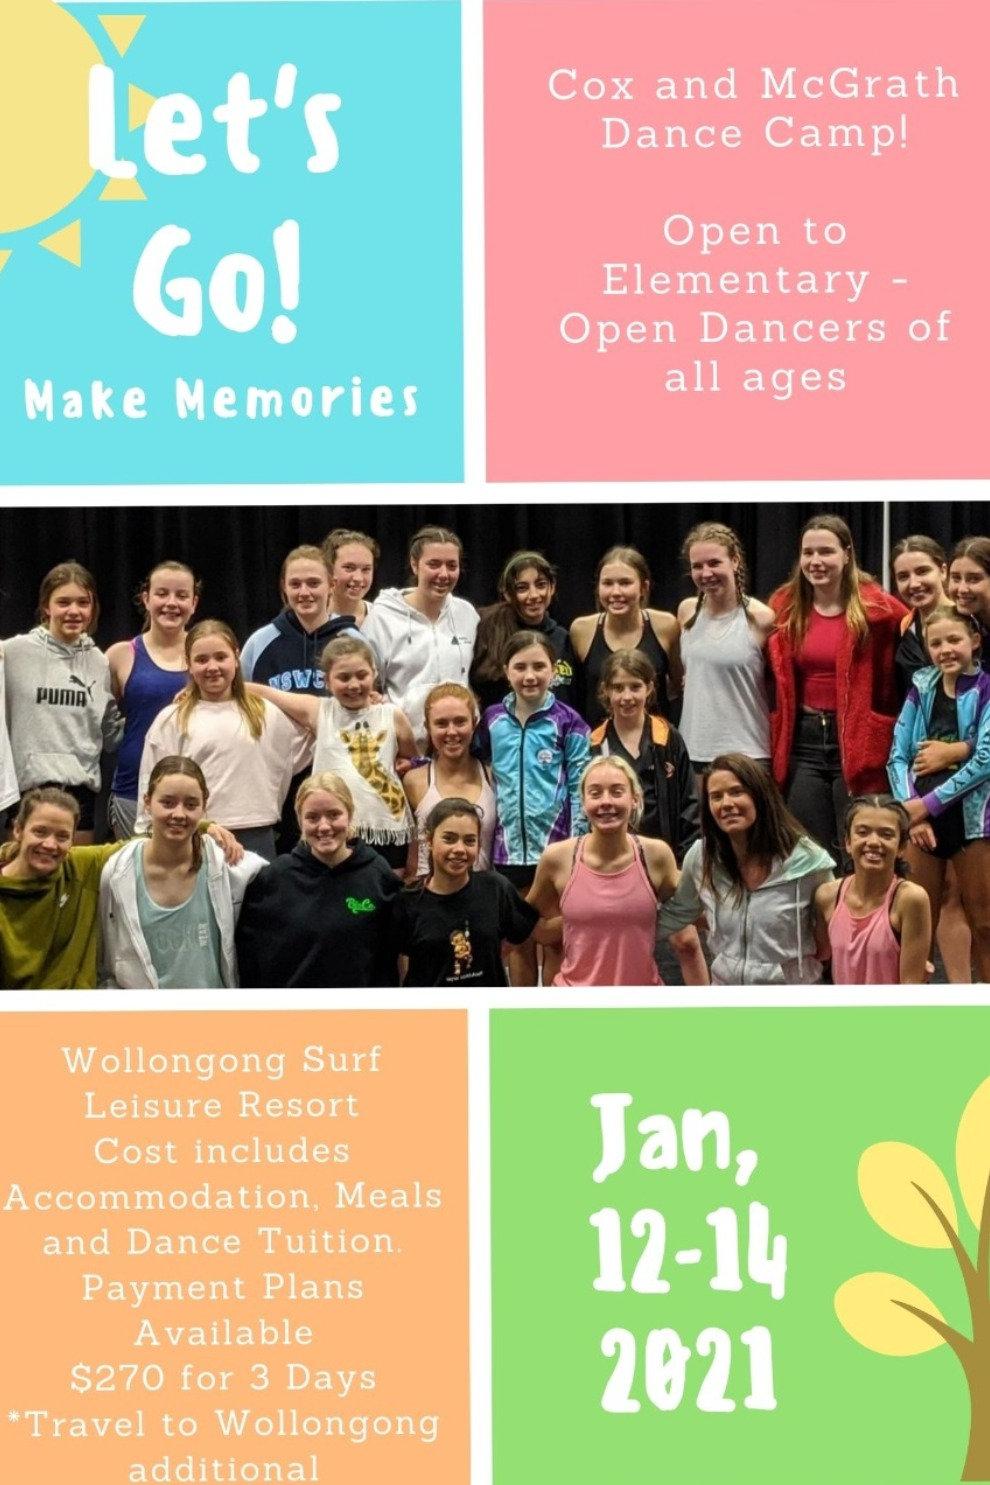 Cox McGrath Dance Camp